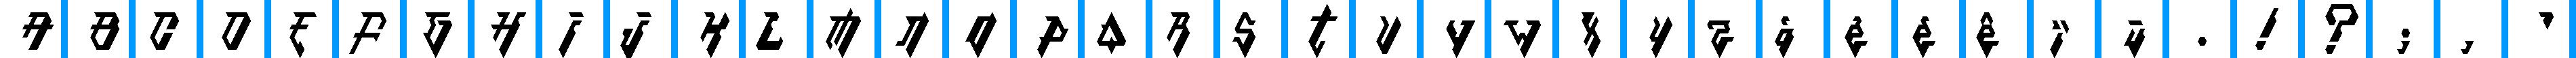 Particip-a-type v.30